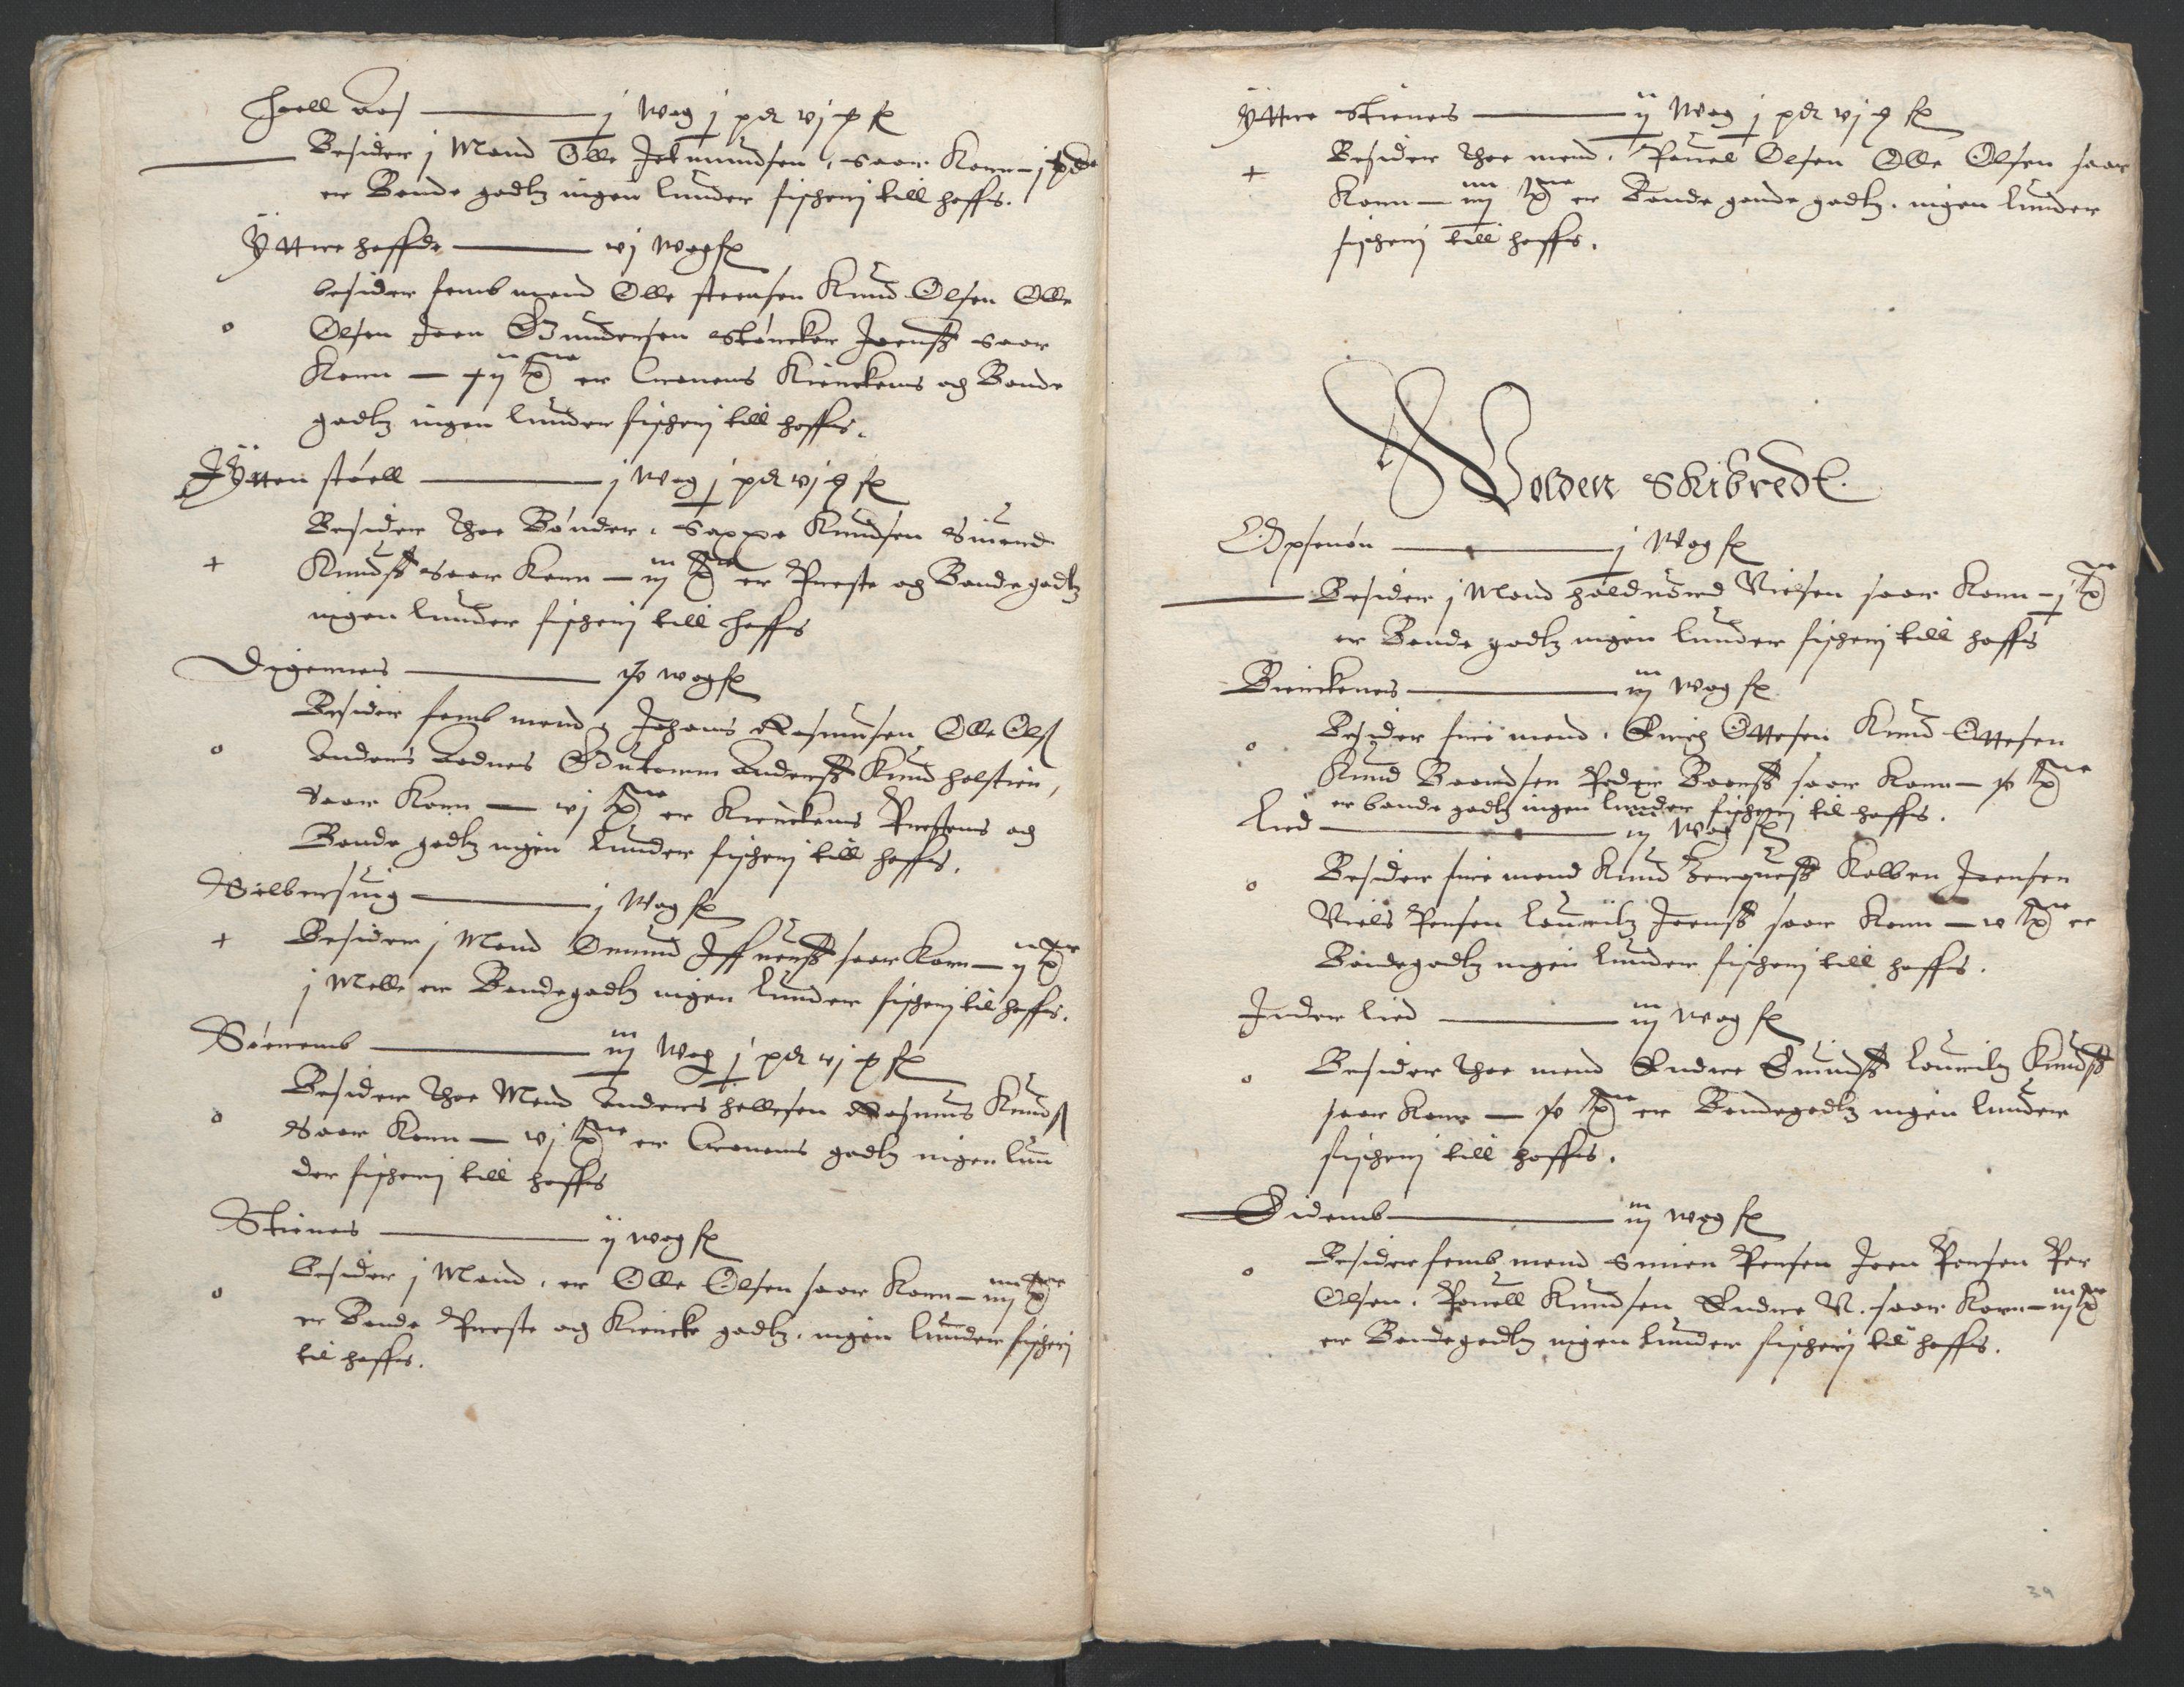 RA, Stattholderembetet 1572-1771, Ek/L0005: Jordebøker til utlikning av garnisonsskatt 1624-1626:, 1626, s. 180